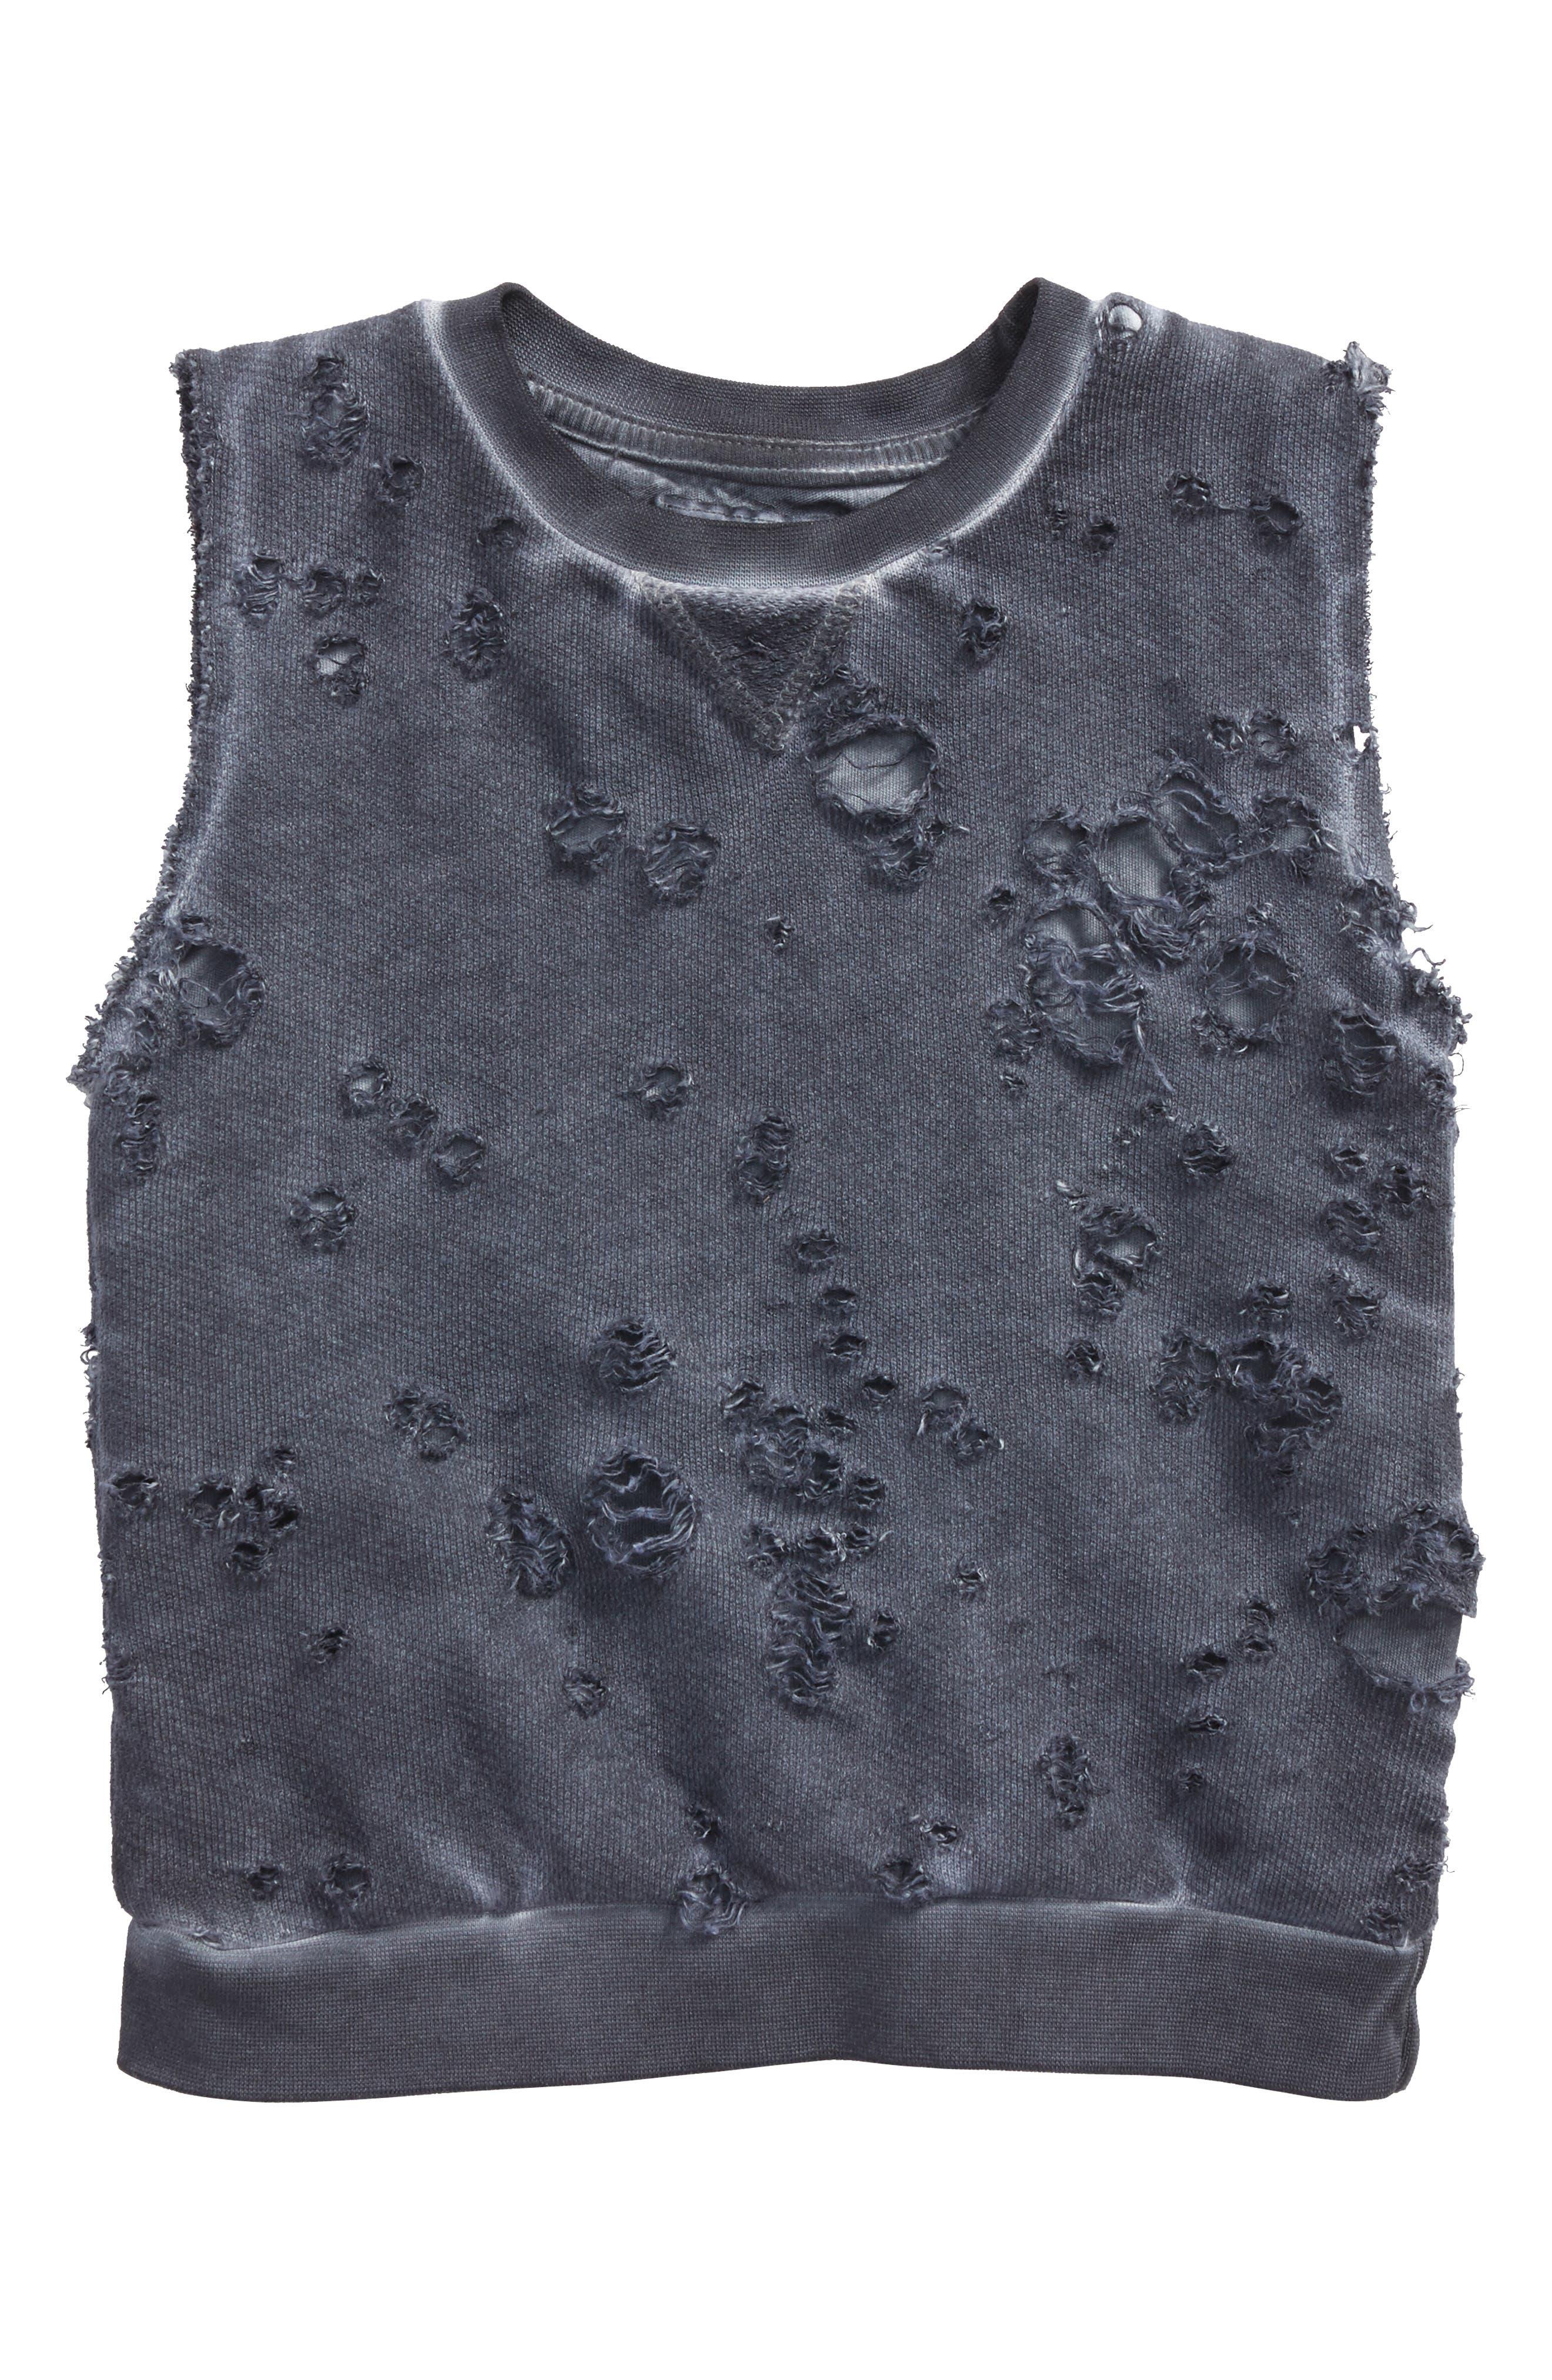 Distressed Mineral Wash Sweatshirt,                             Main thumbnail 1, color,                             030